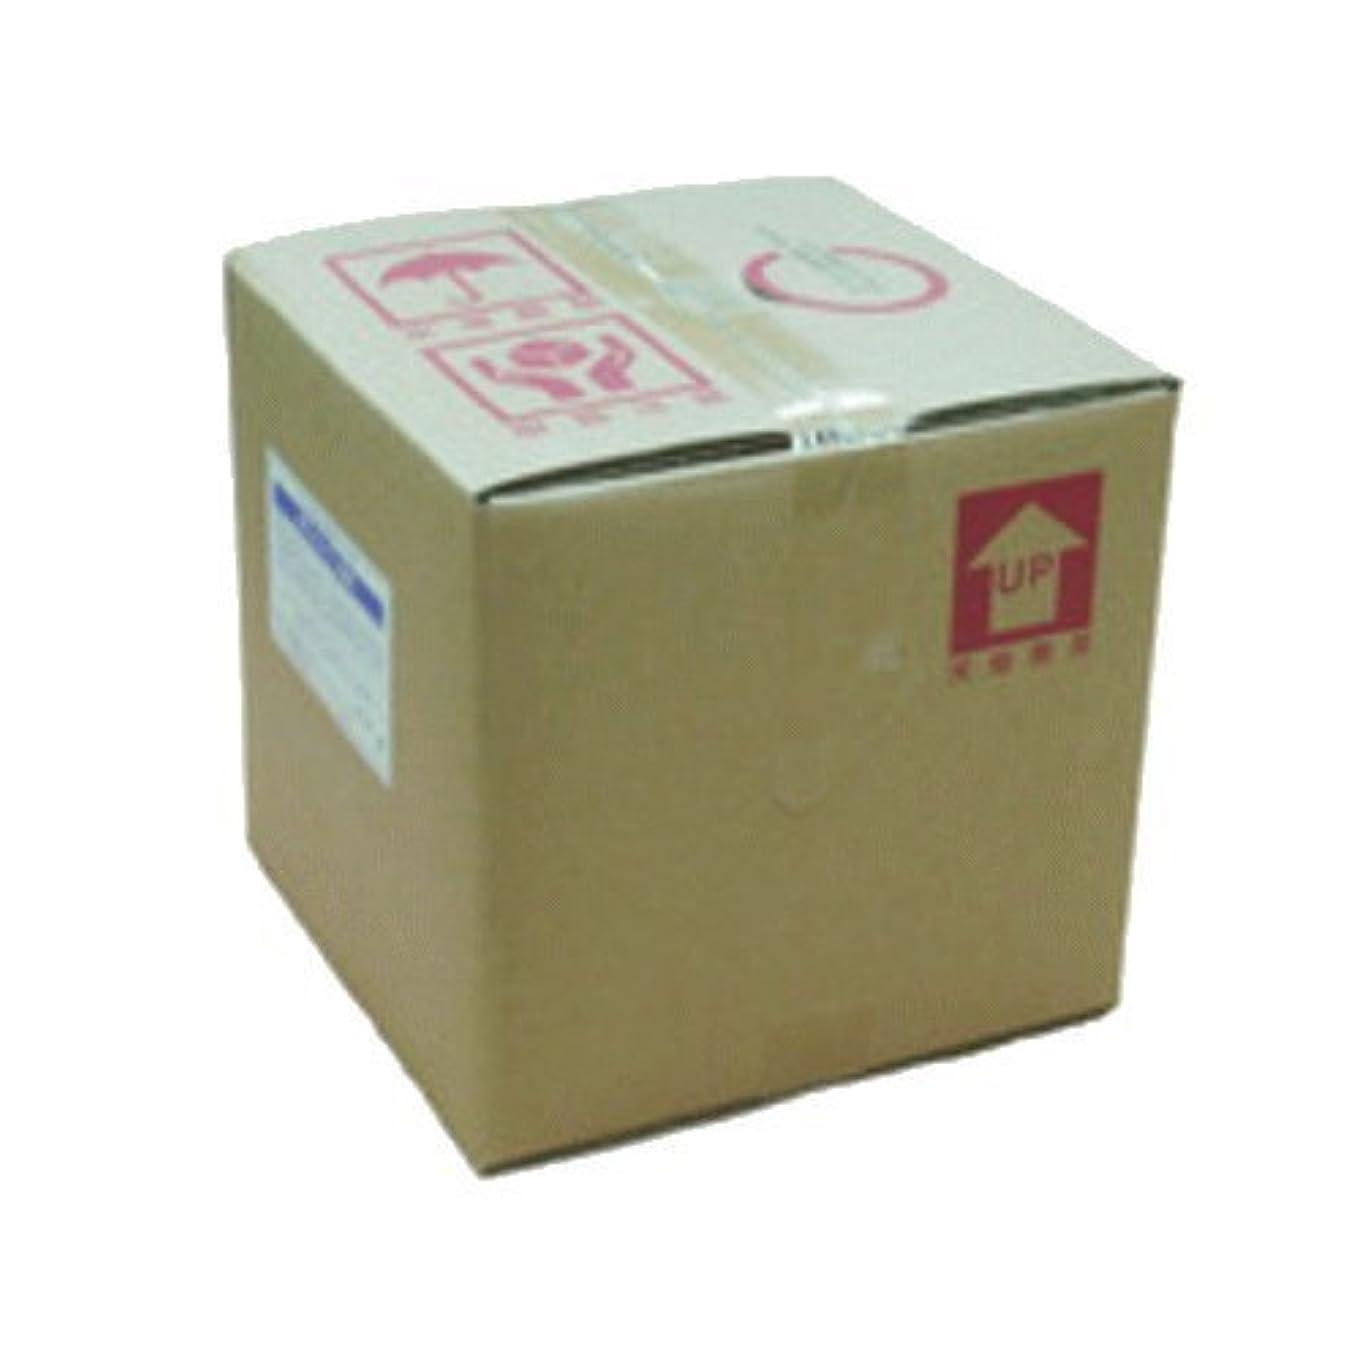 においコマンドバンドルウインドヒル 業務用コンディショナー(リンス) オレンジA-1 20L